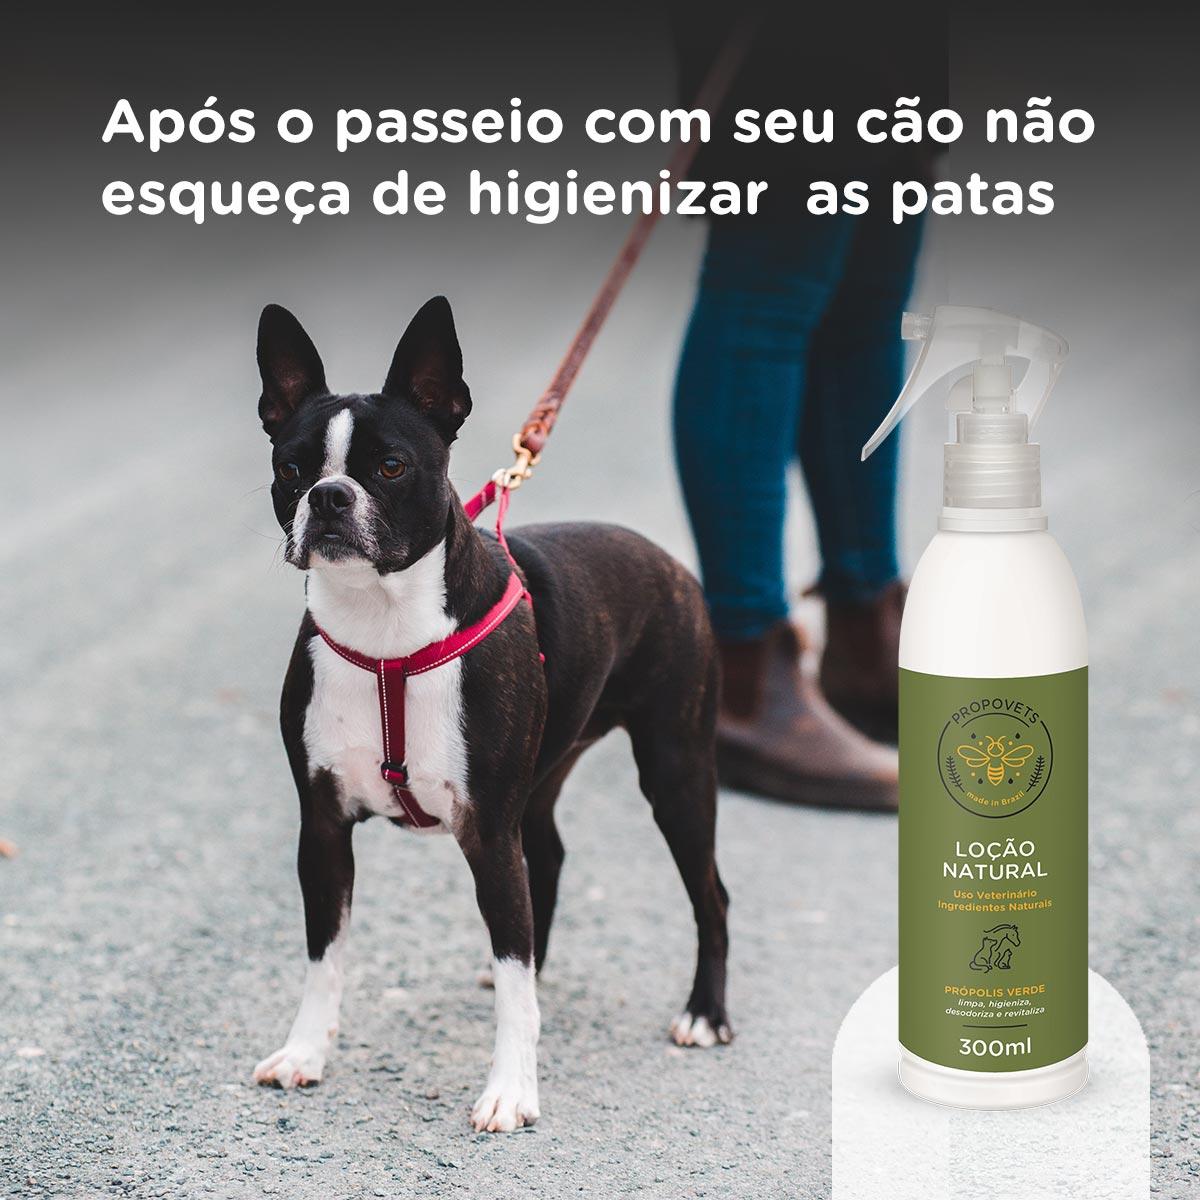 após o passeio com seu cão não esqueça de higienizar as patas